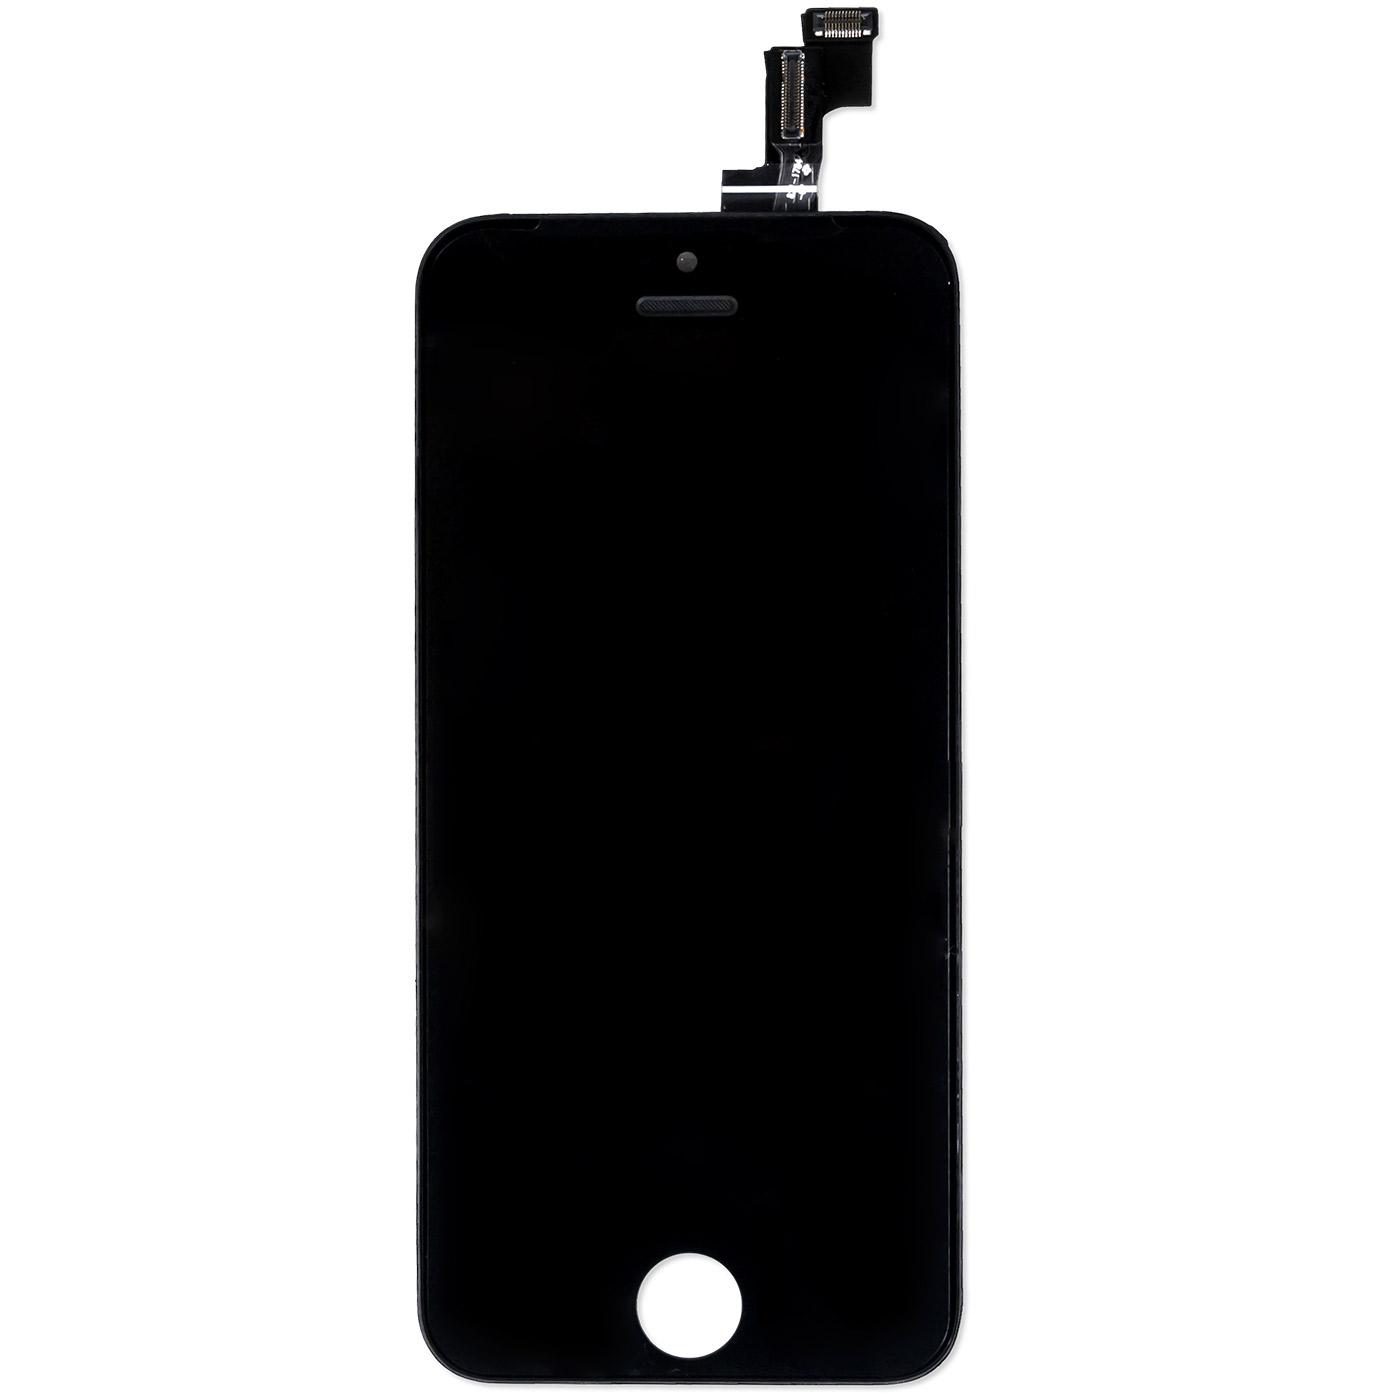 remade kit de r paration cran iphone 5 noir accessoires. Black Bedroom Furniture Sets. Home Design Ideas